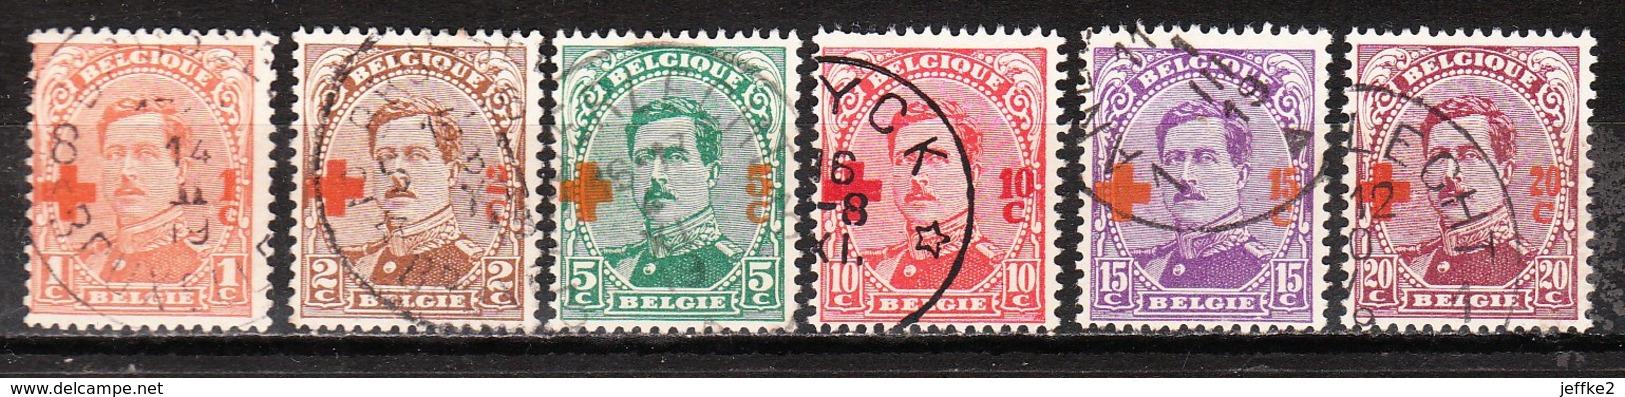 150/55  Croix-Rouge - Bonnes Valeurs - Oblit. - LOOK!!!! - 1918 Red Cross